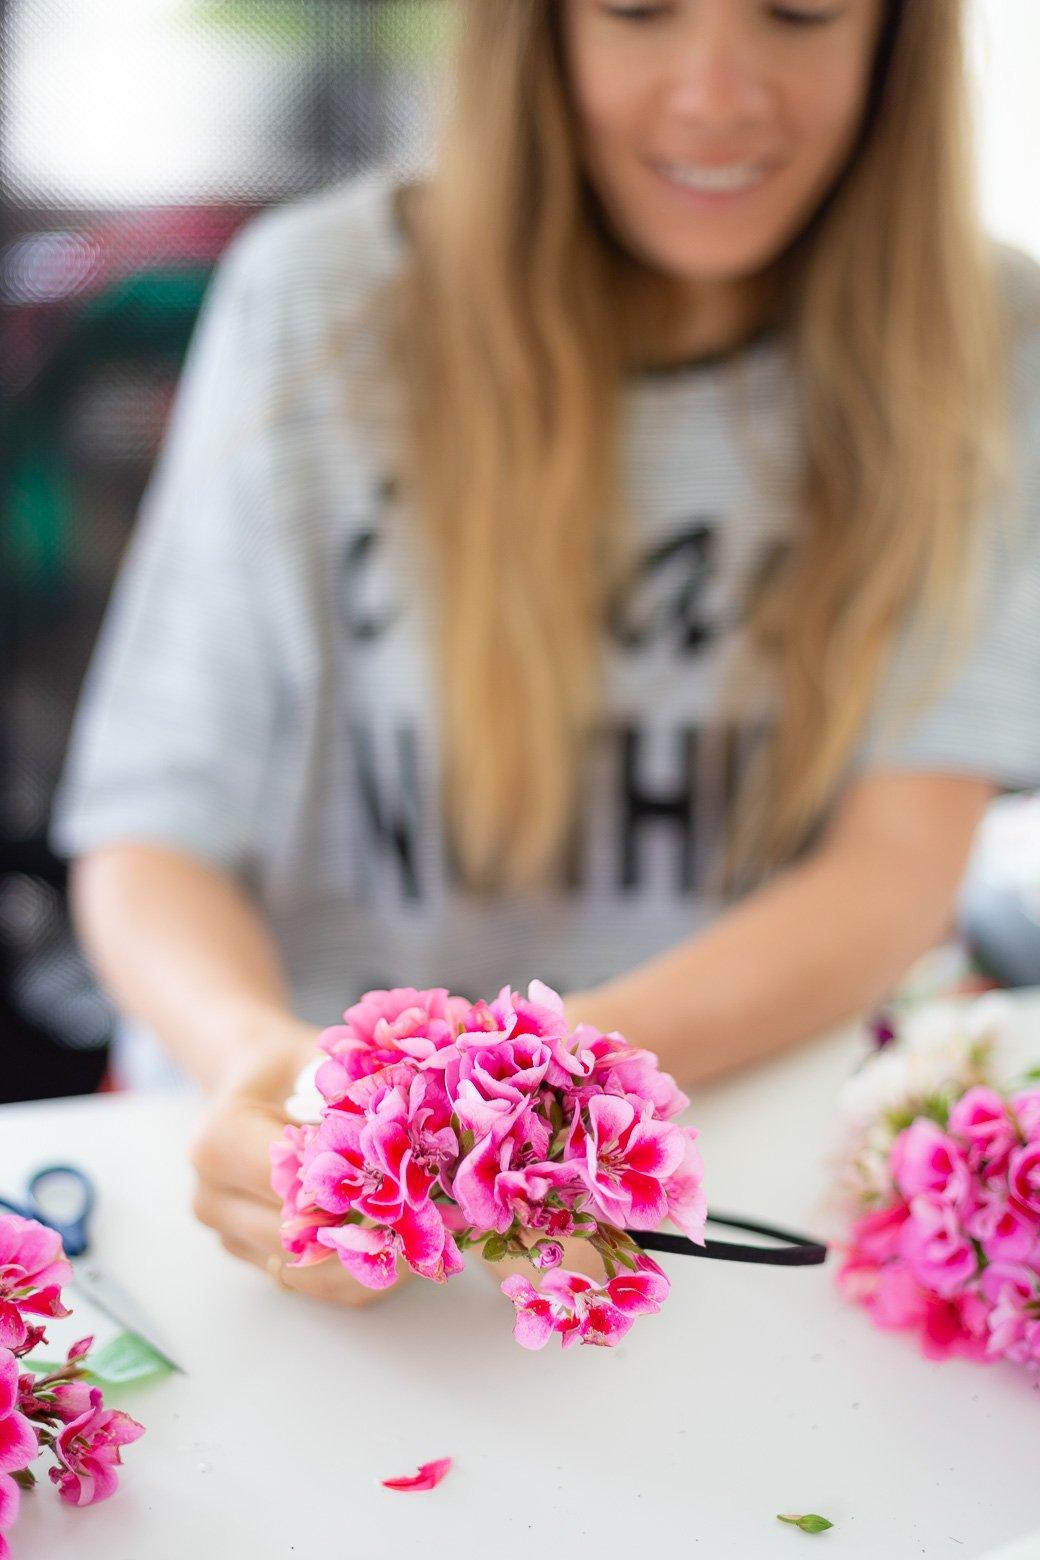 Comment faire couronne fleurs fraîches